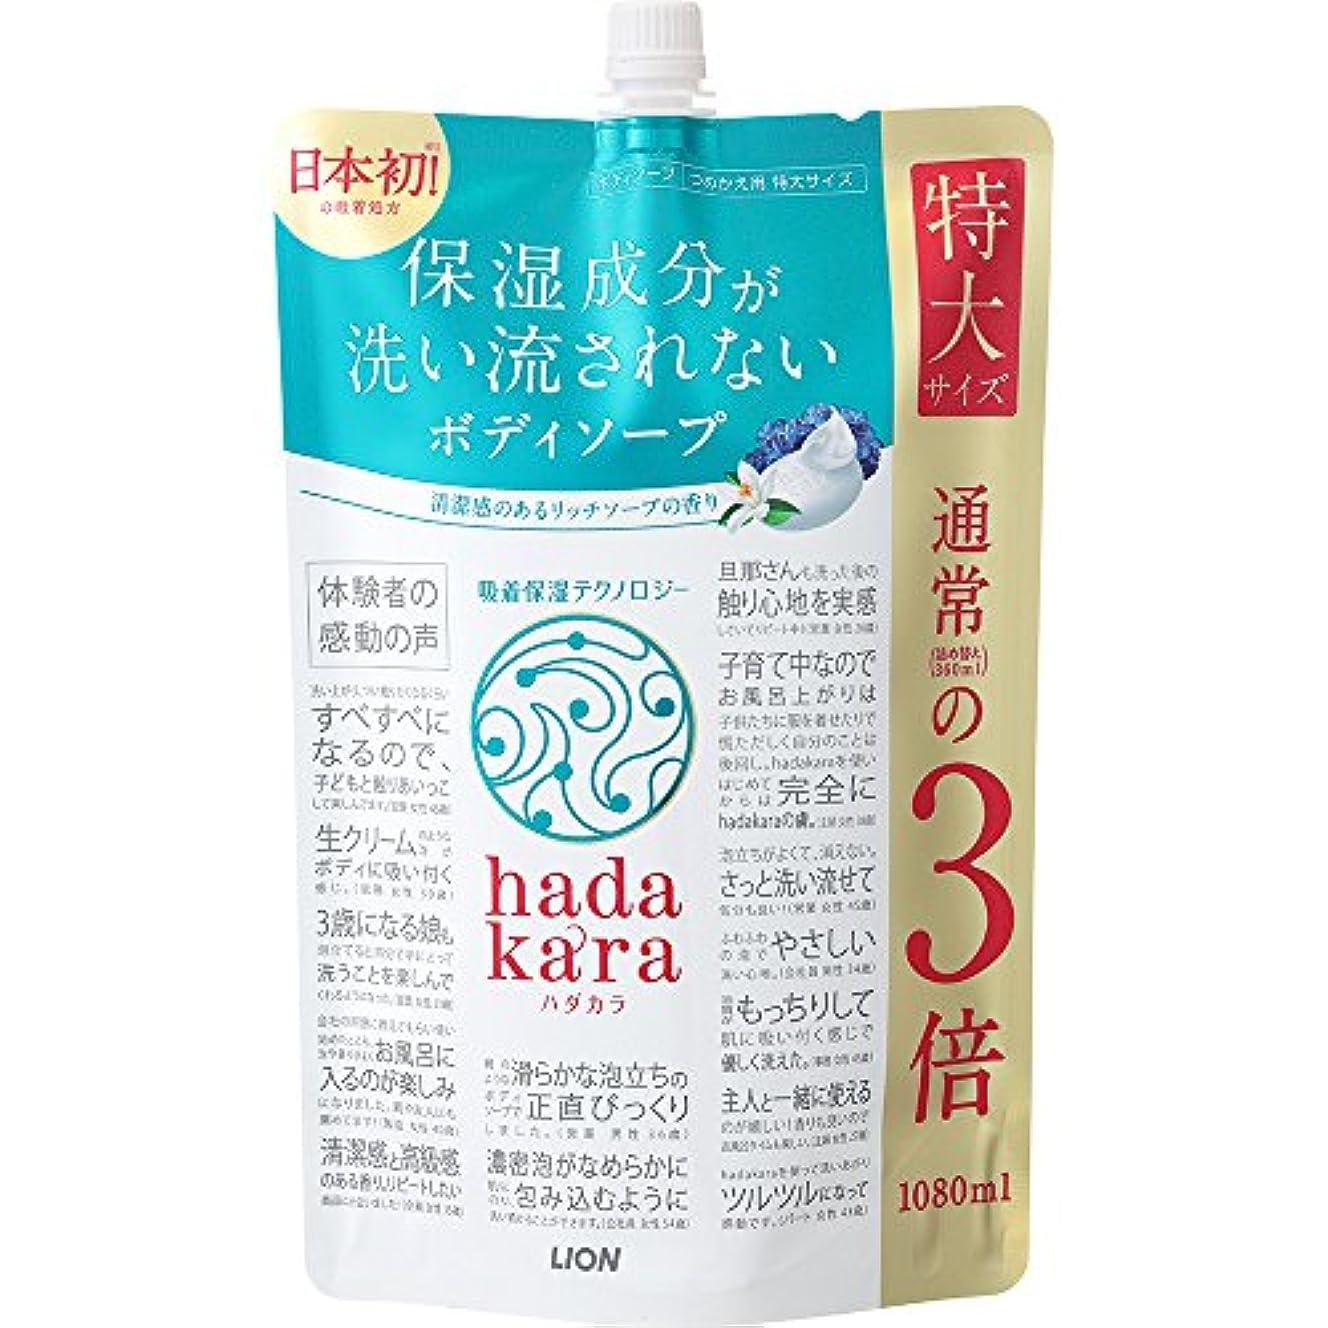 宗教的な松明打撃【大容量】hadakara(ハダカラ) ボディソープ リッチソープの香り 詰め替え 特大 1080ml